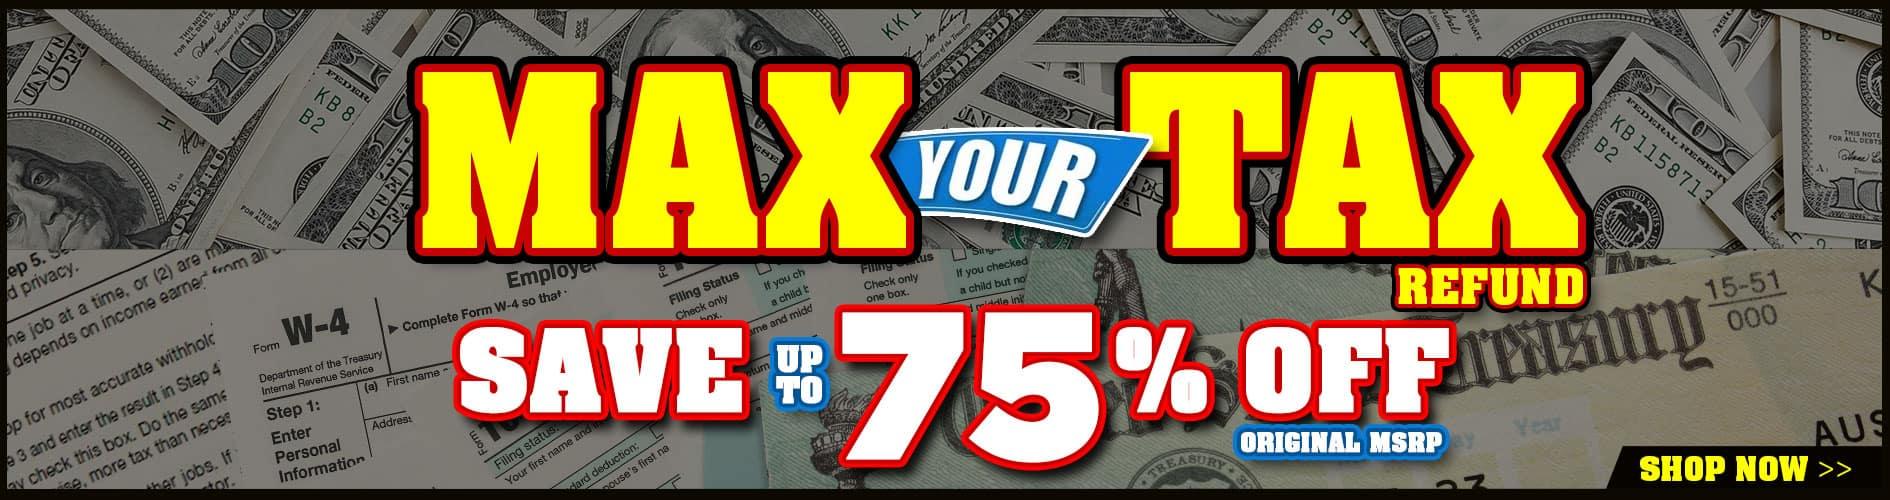 MAX your TAX return